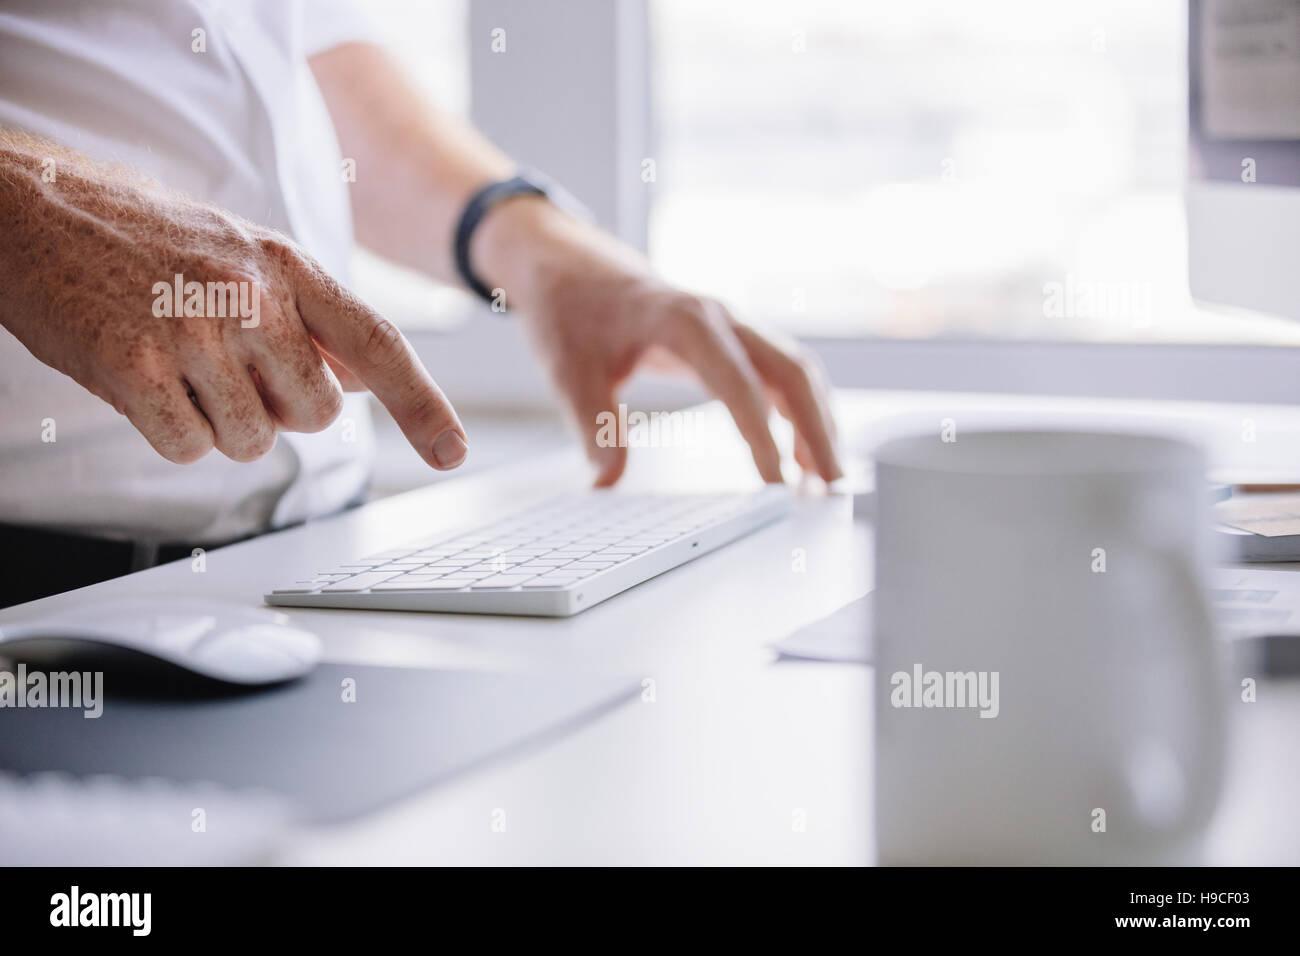 Primer plano de joven manos escribiendo en el teclado inalámbrico en el escritorio en la oficina. Imagen De Stock